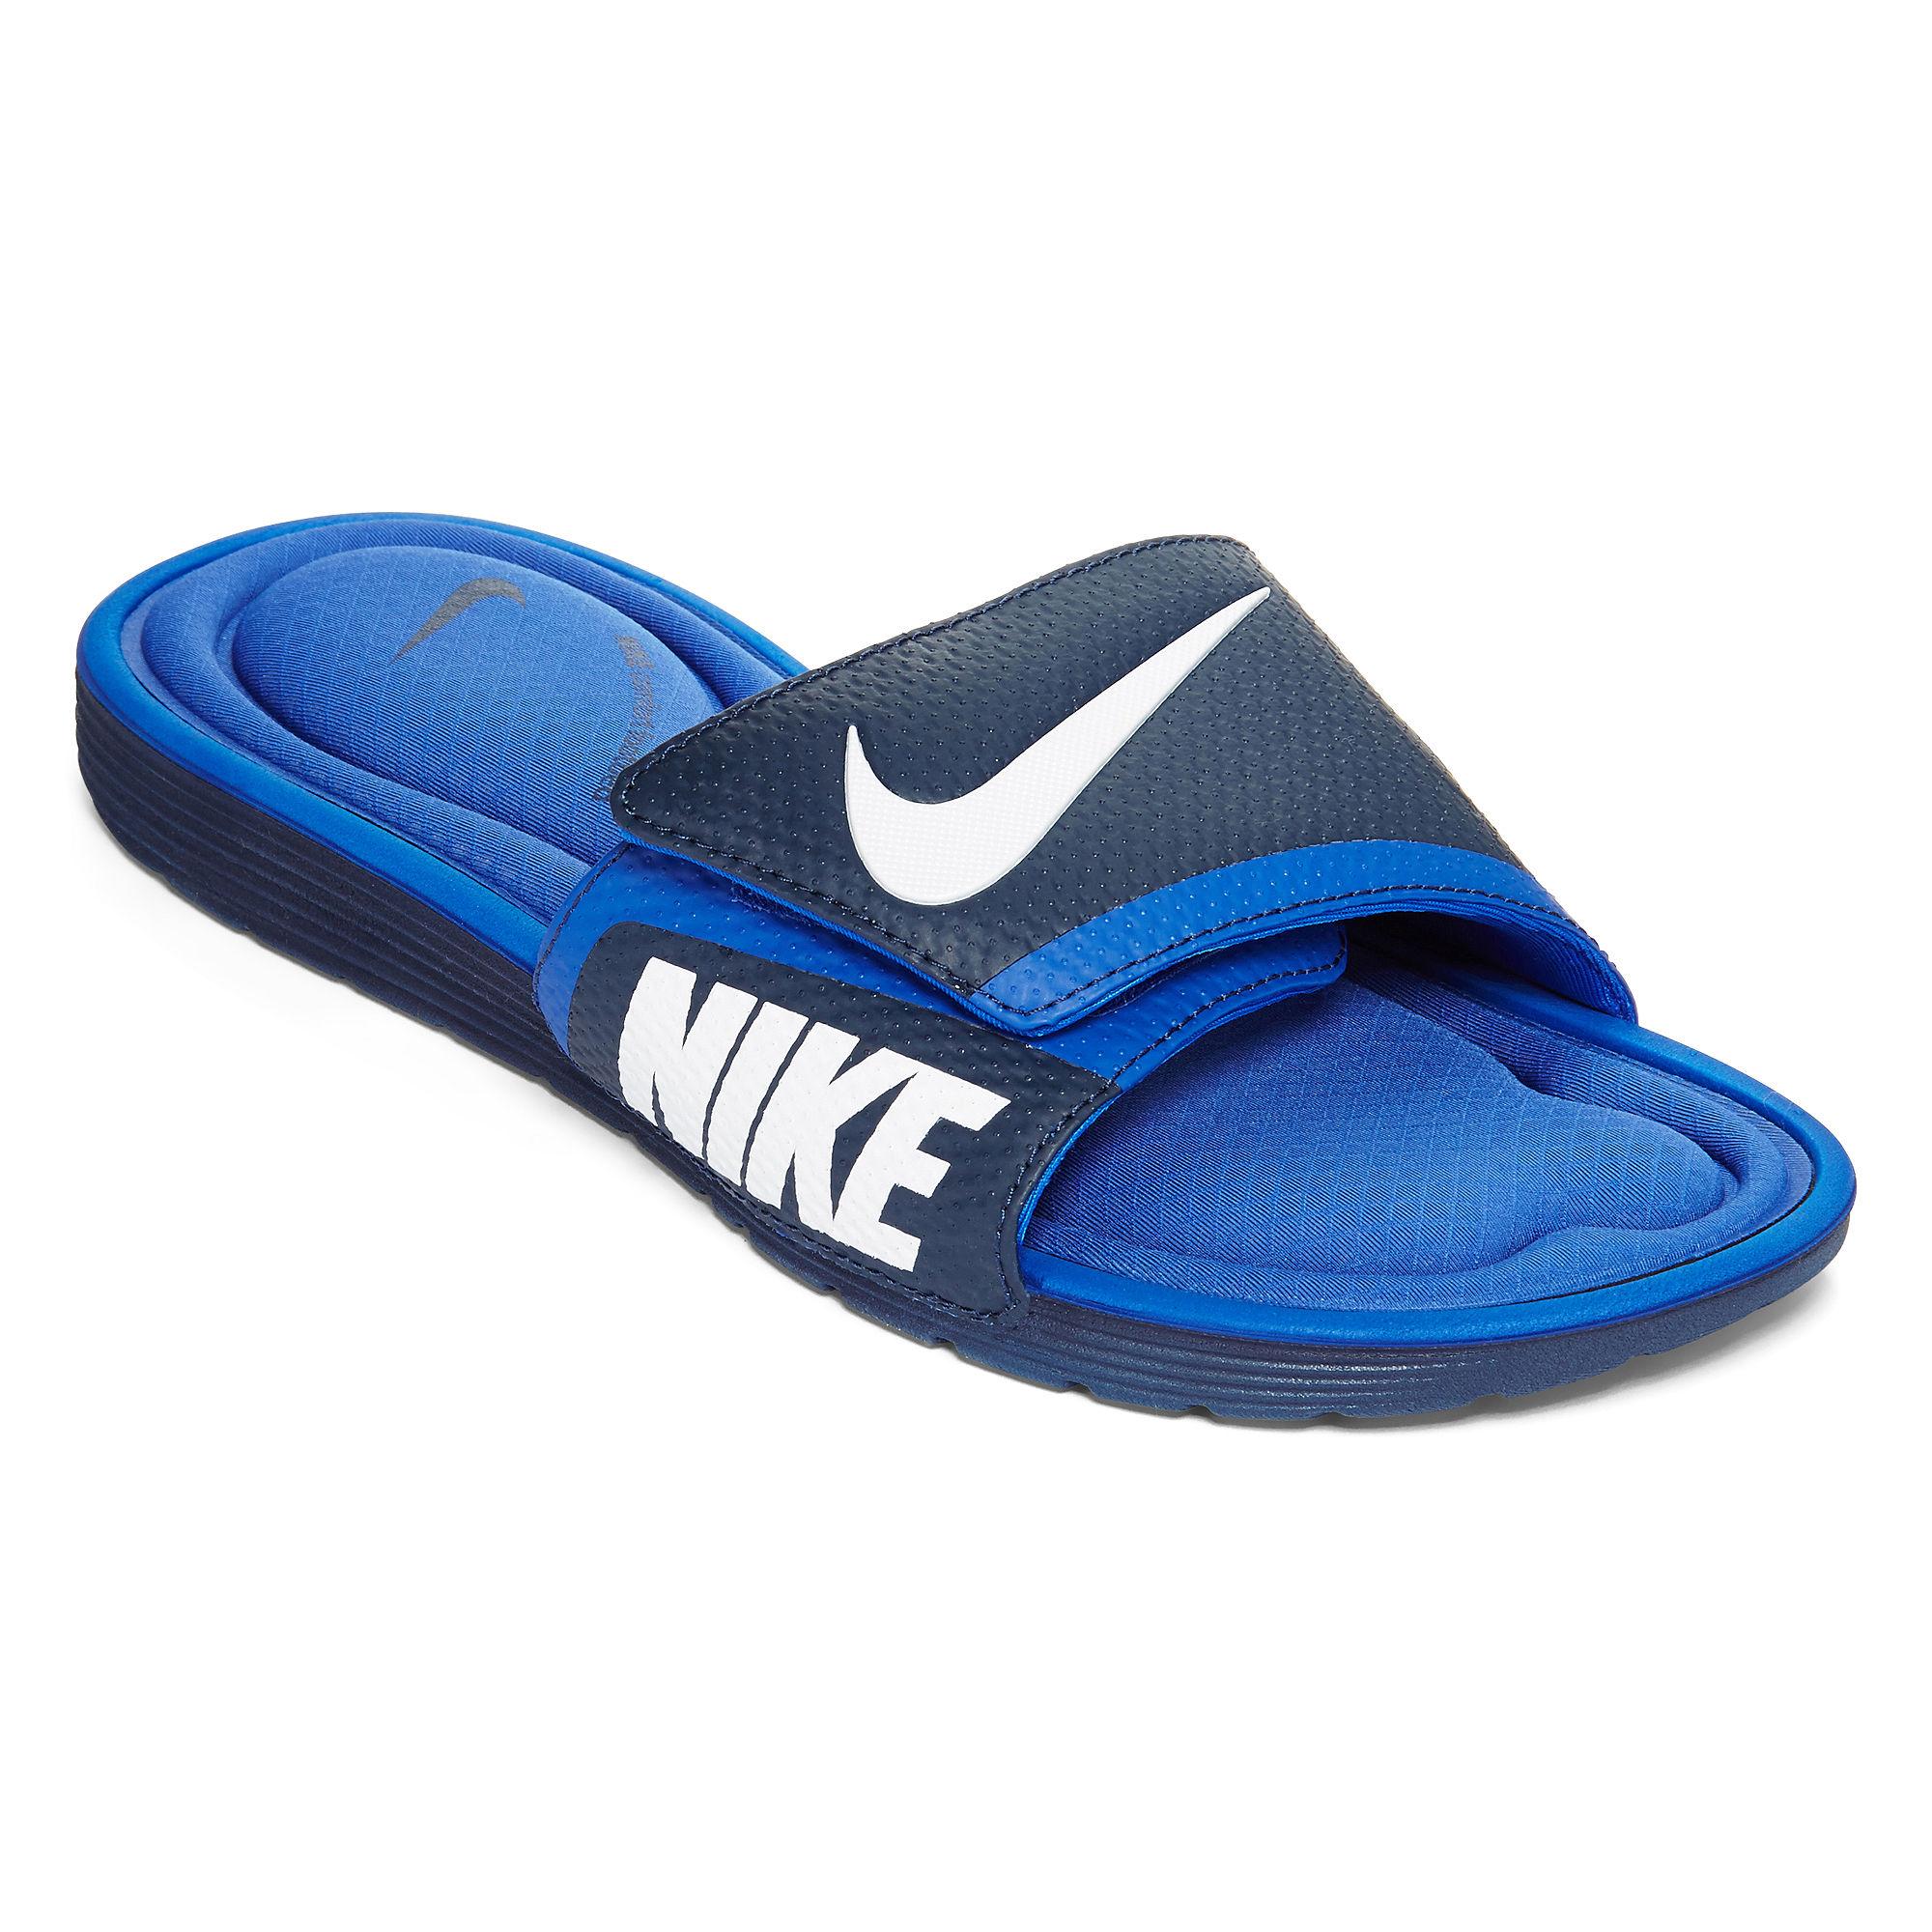 Upc 888408315090 Nike Solarsoft Mens Comfort Slide